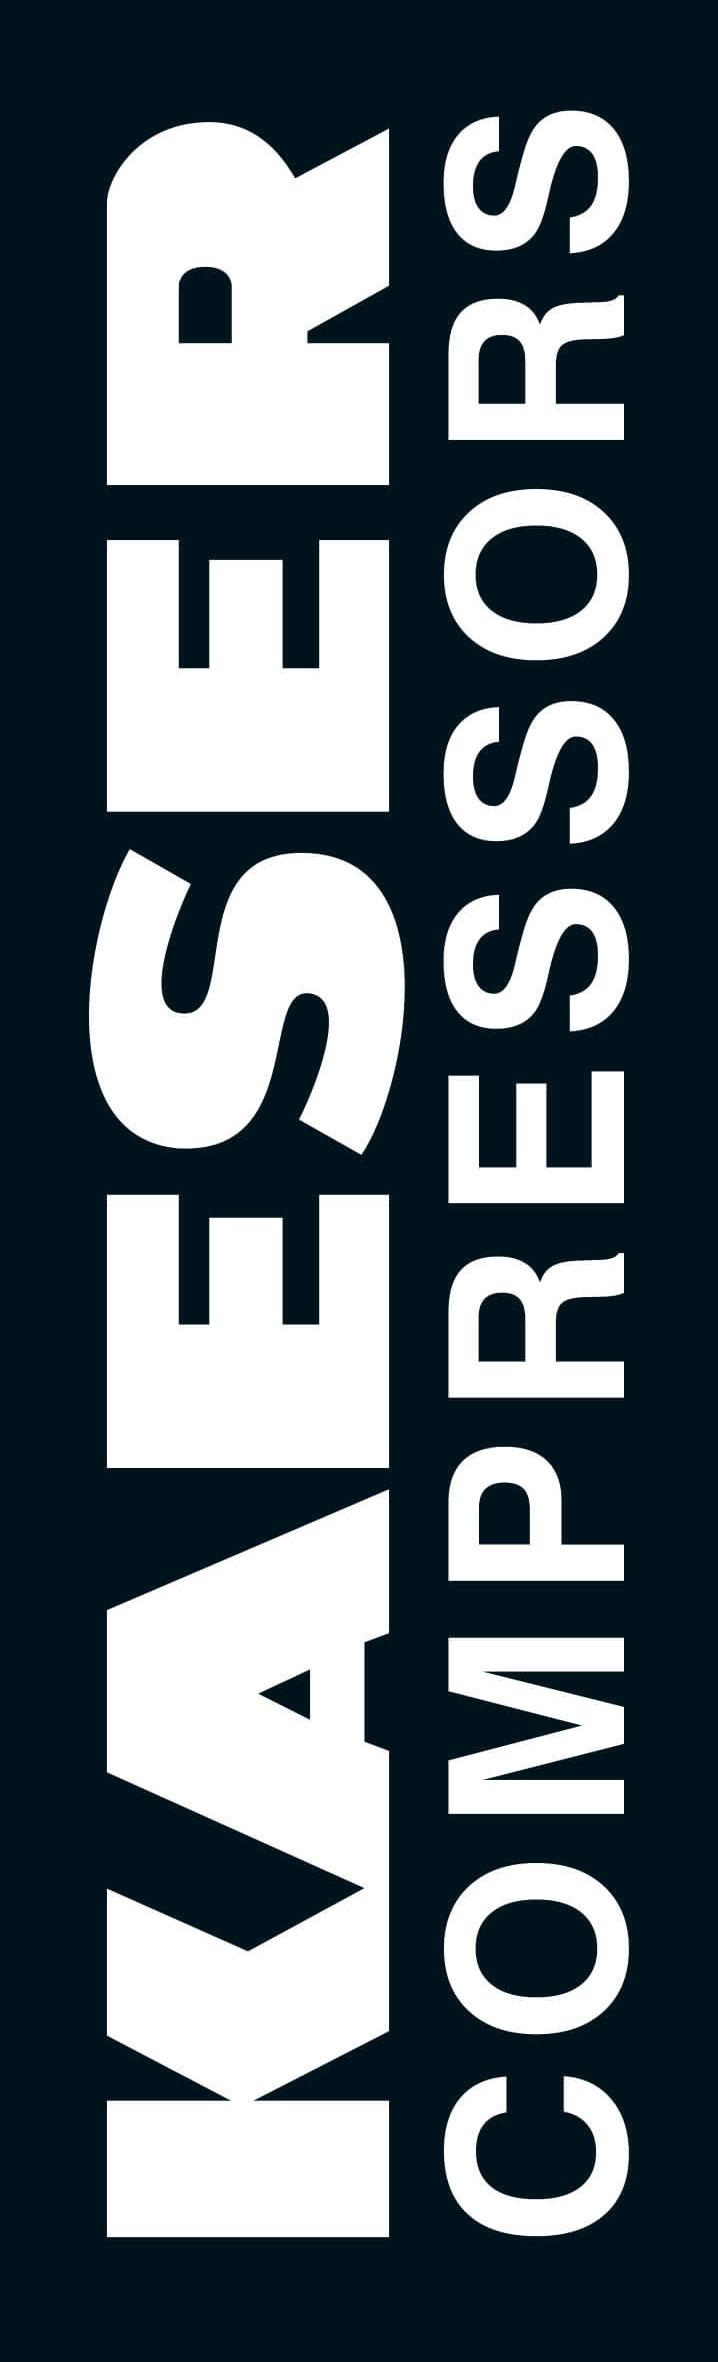 kaeser-logo1-1.jpg